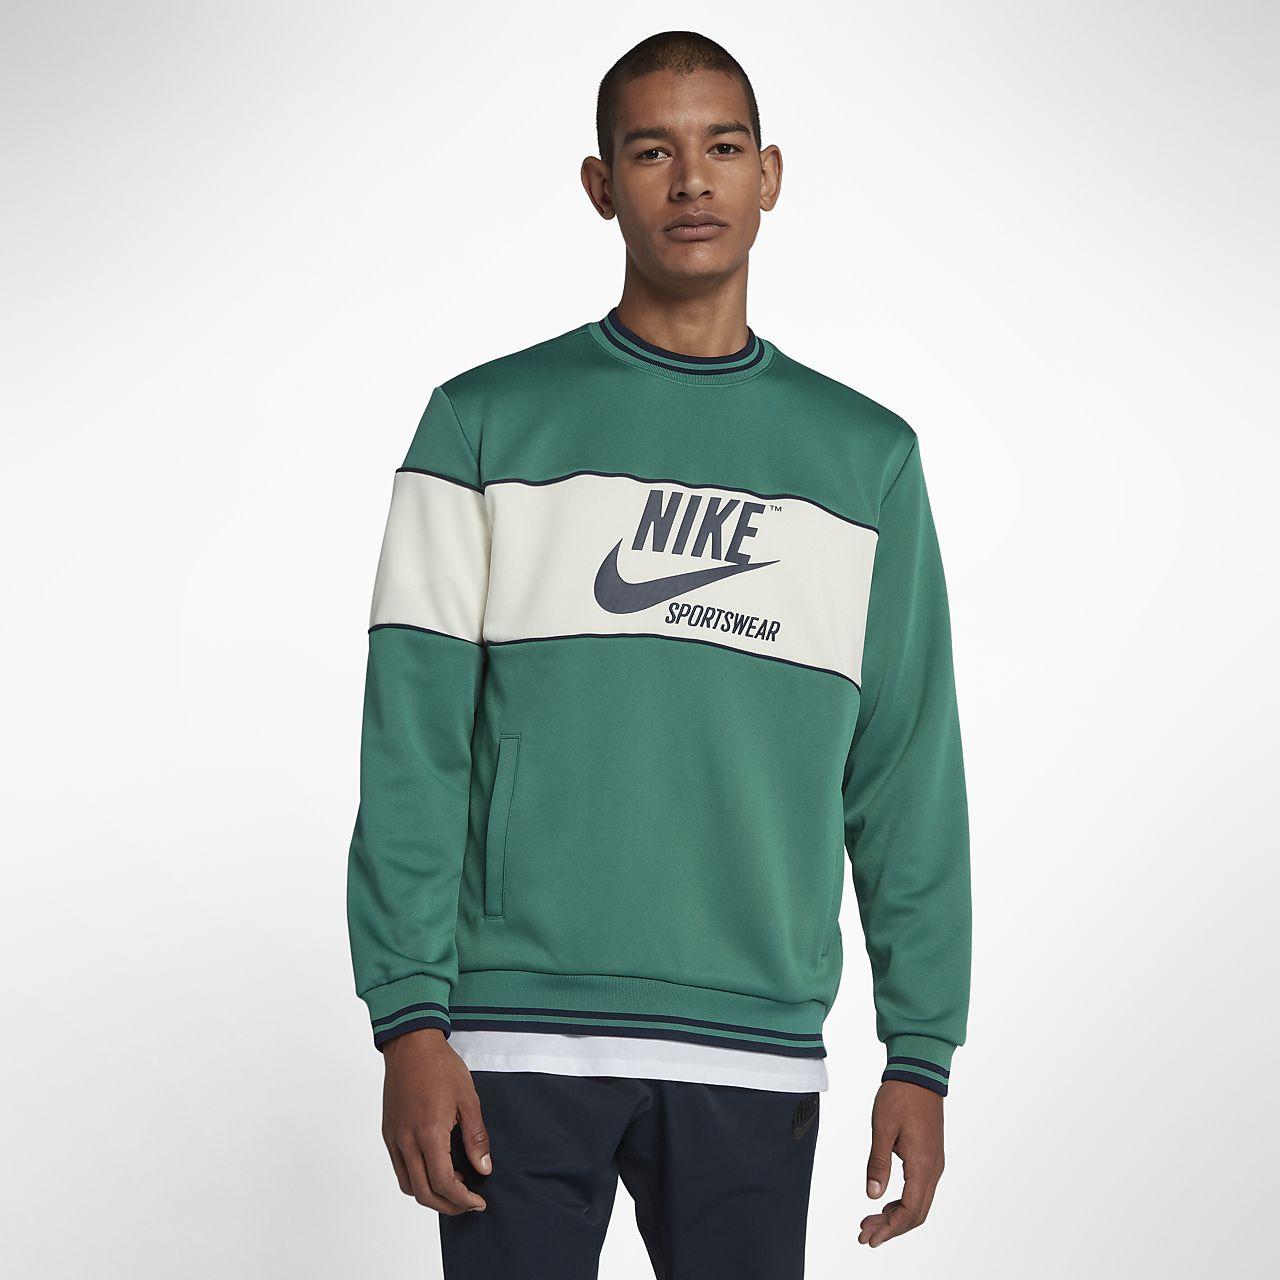 ... Nike Sportswear Archive Herren-Rundhalsshirt